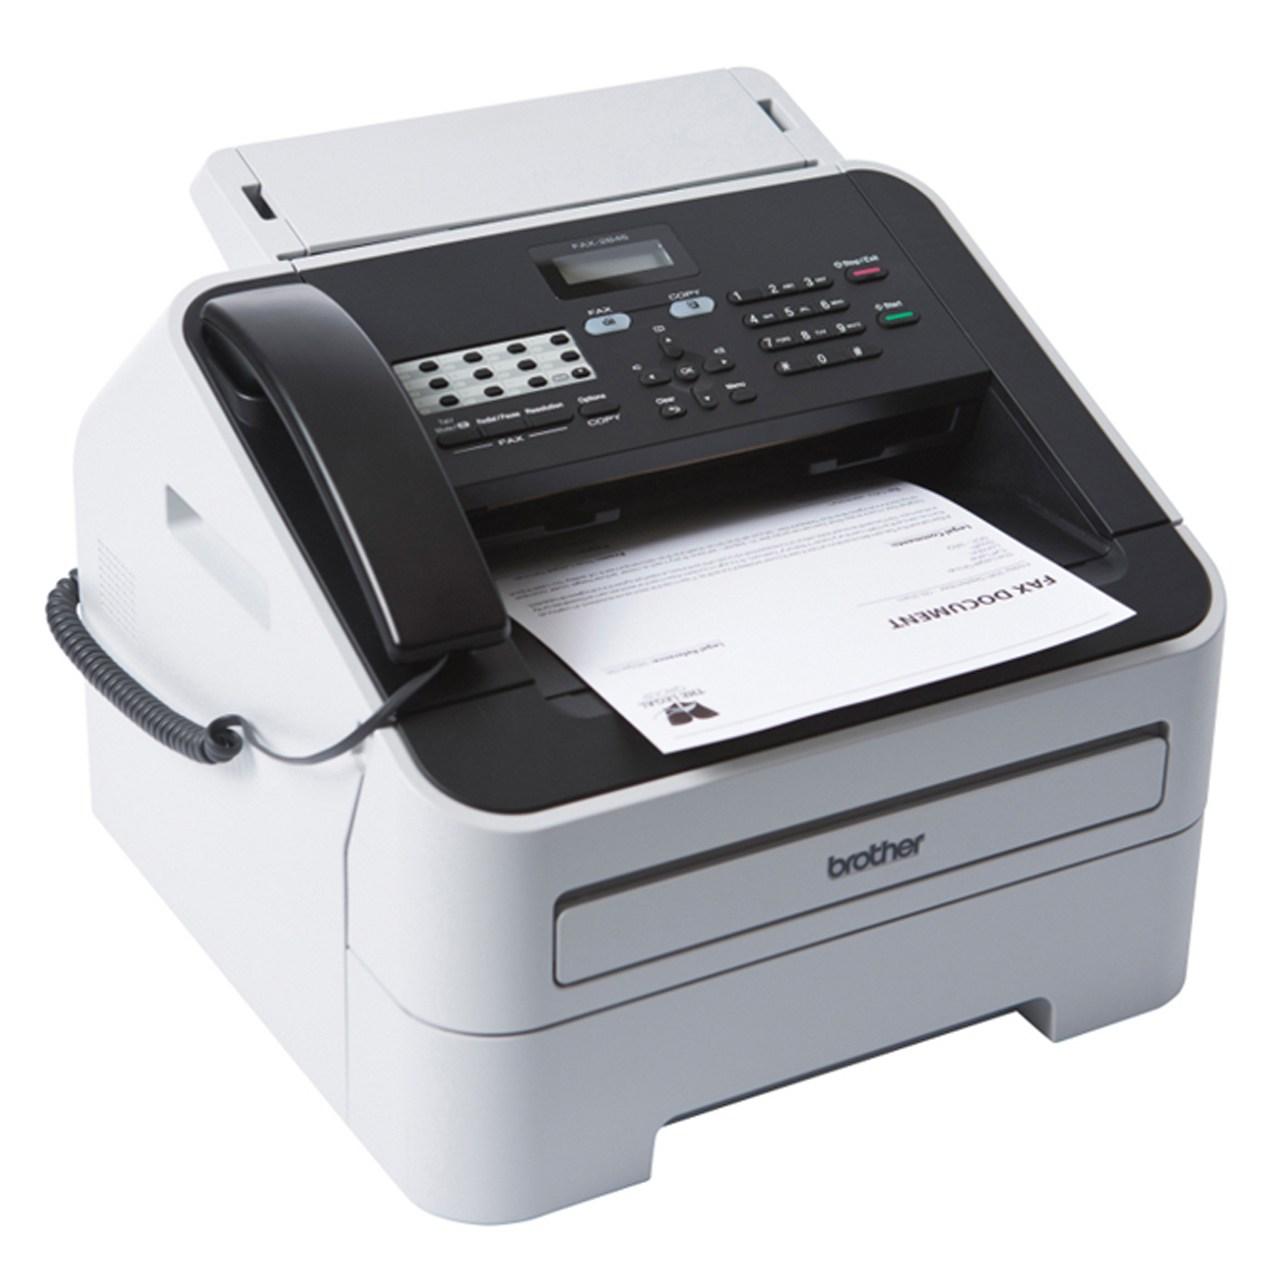 فکس برادر مدل Fax-2840